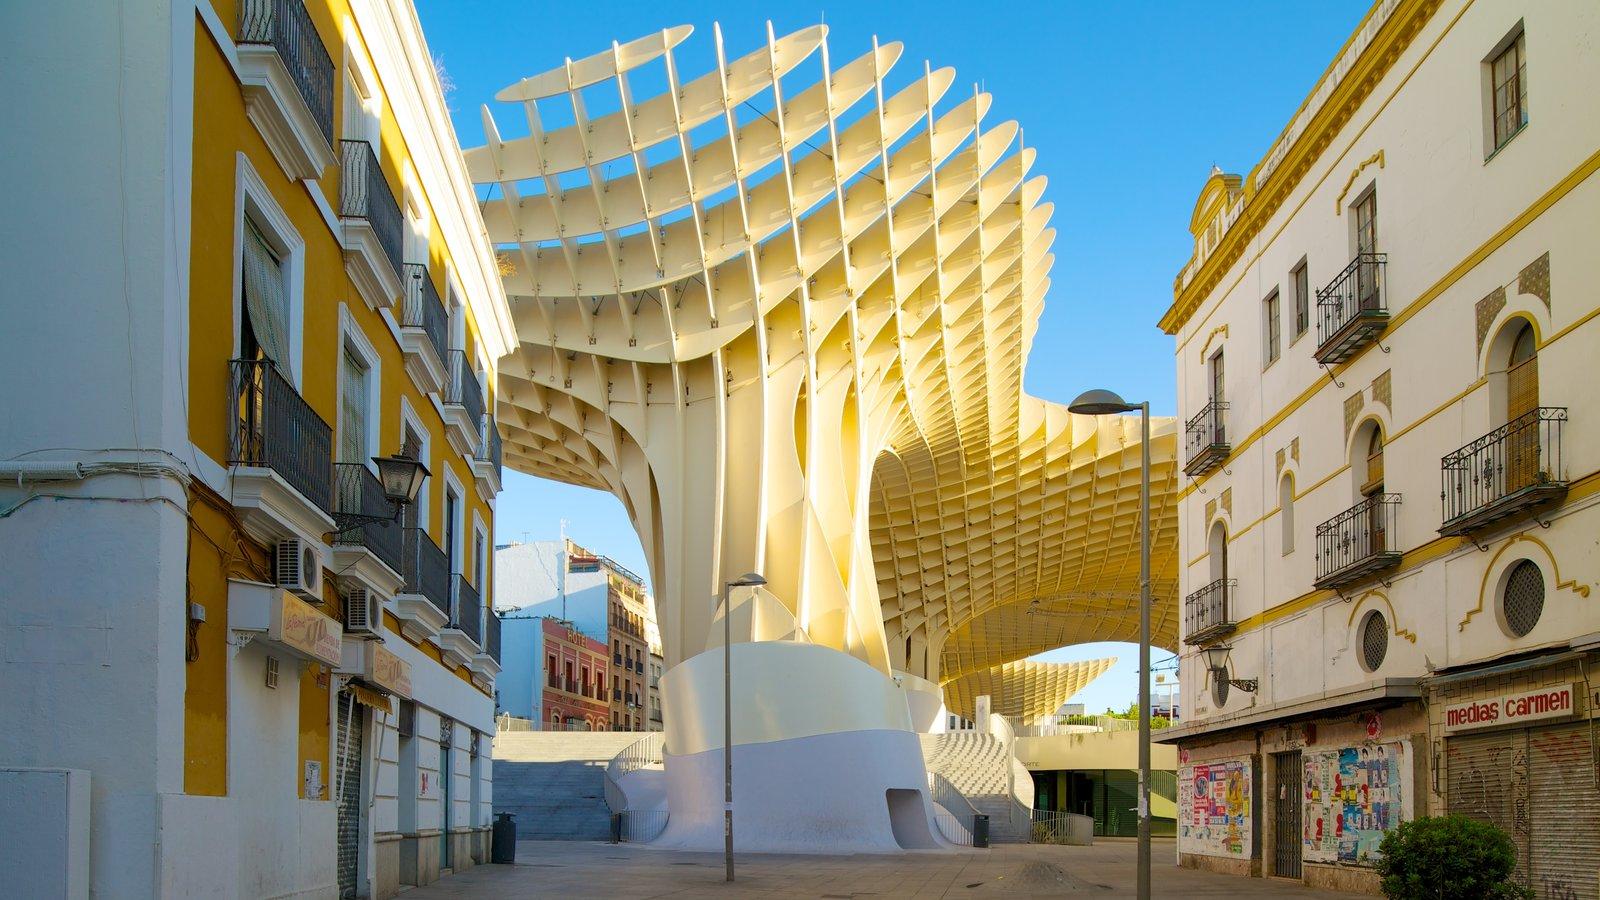 Metropol Parasol mostrando una ciudad, arquitectura moderna y escenas urbanas